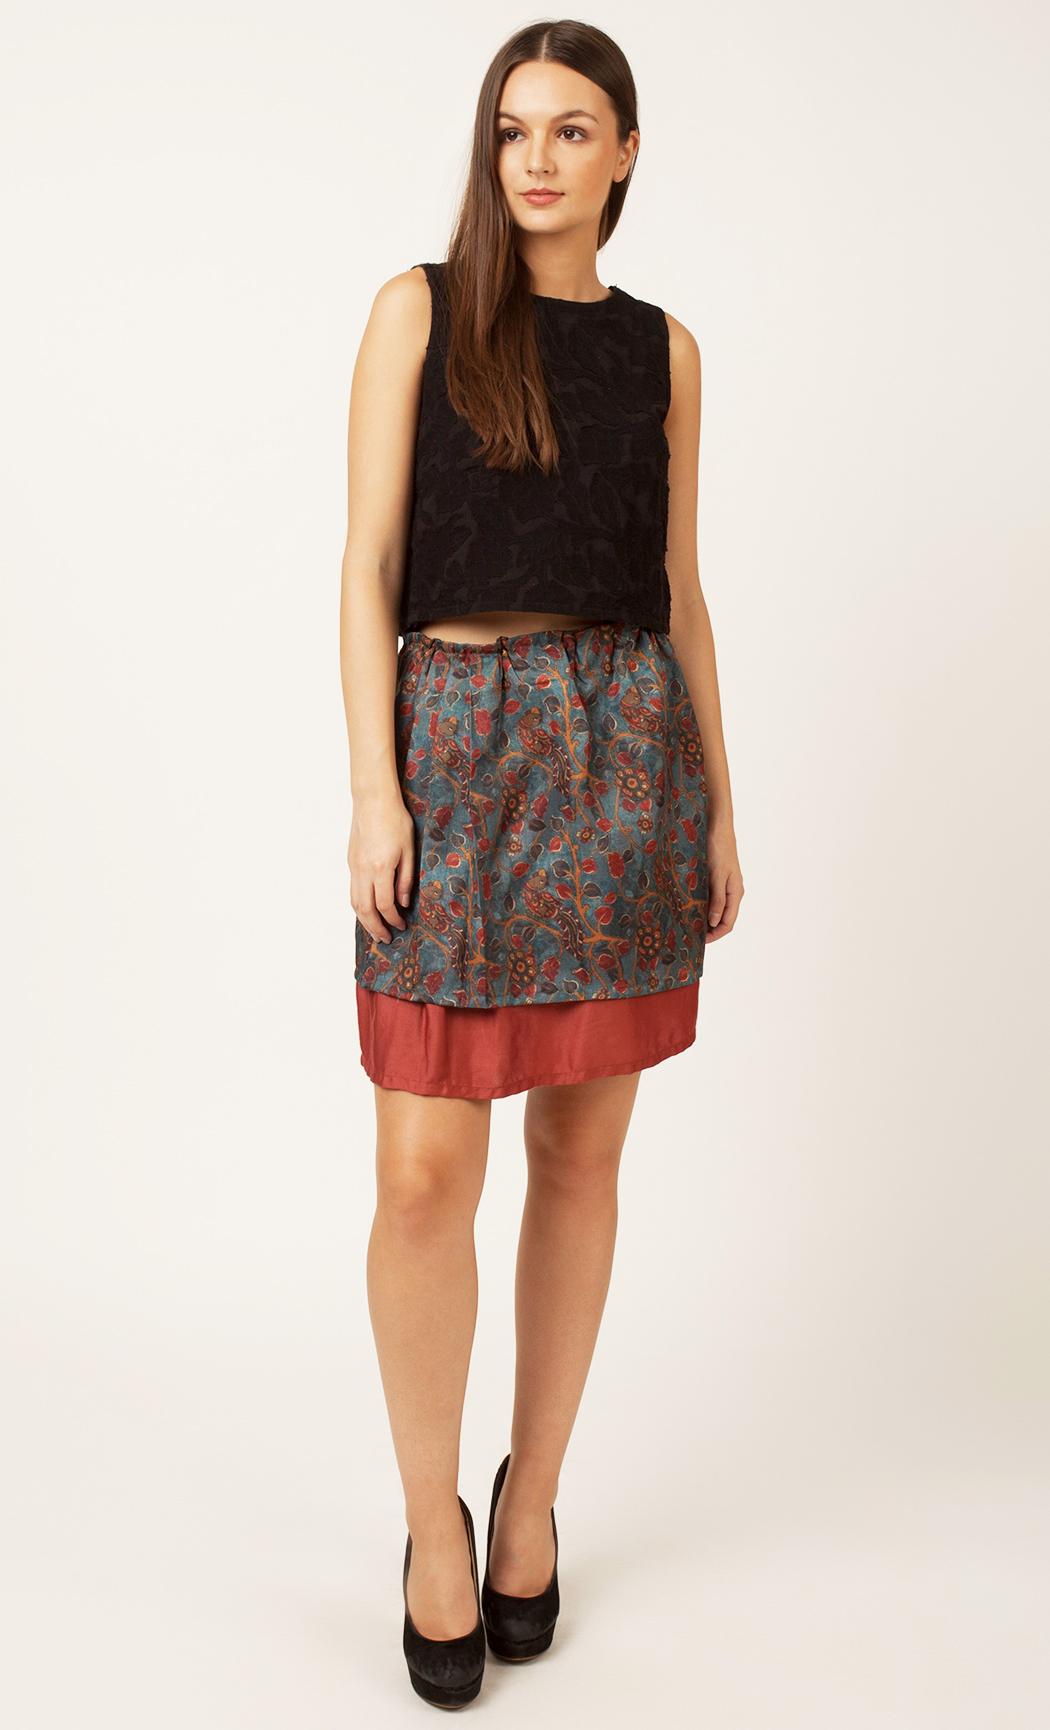 Multicolor Printed Skirt. Buy Online